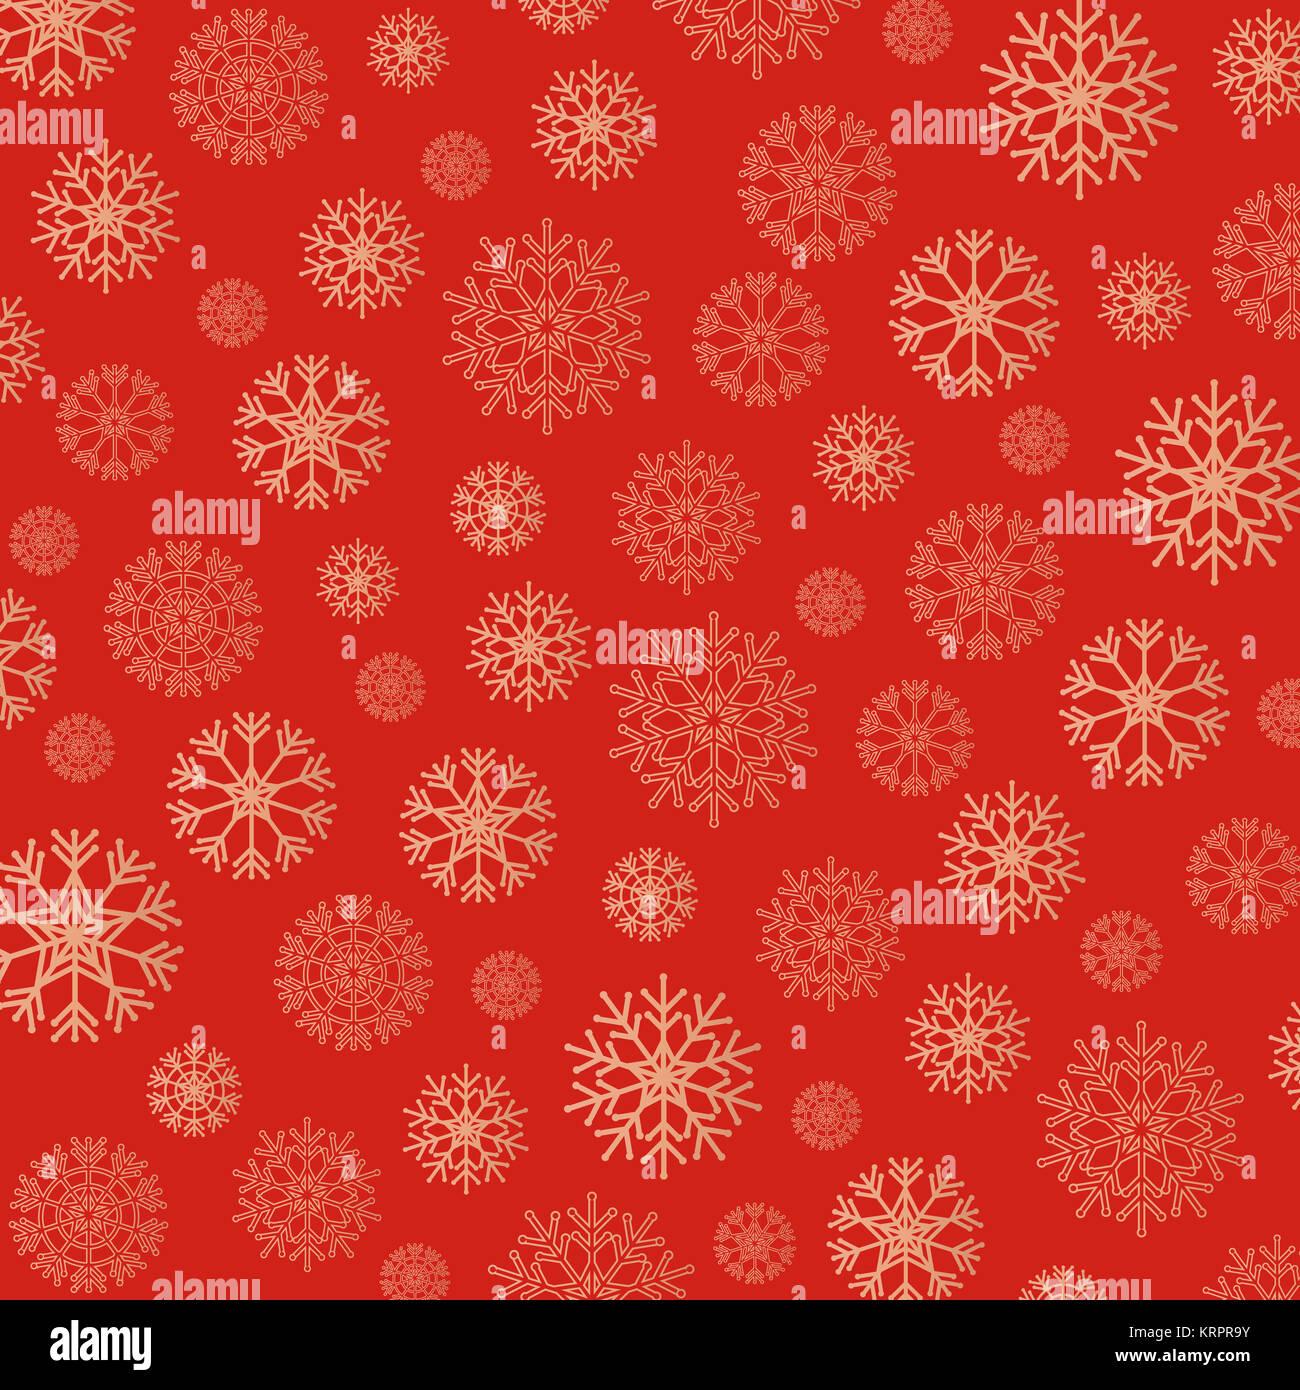 Wunderschöne Schneeflocken Hintergrund in goldenen und roten Stockfoto